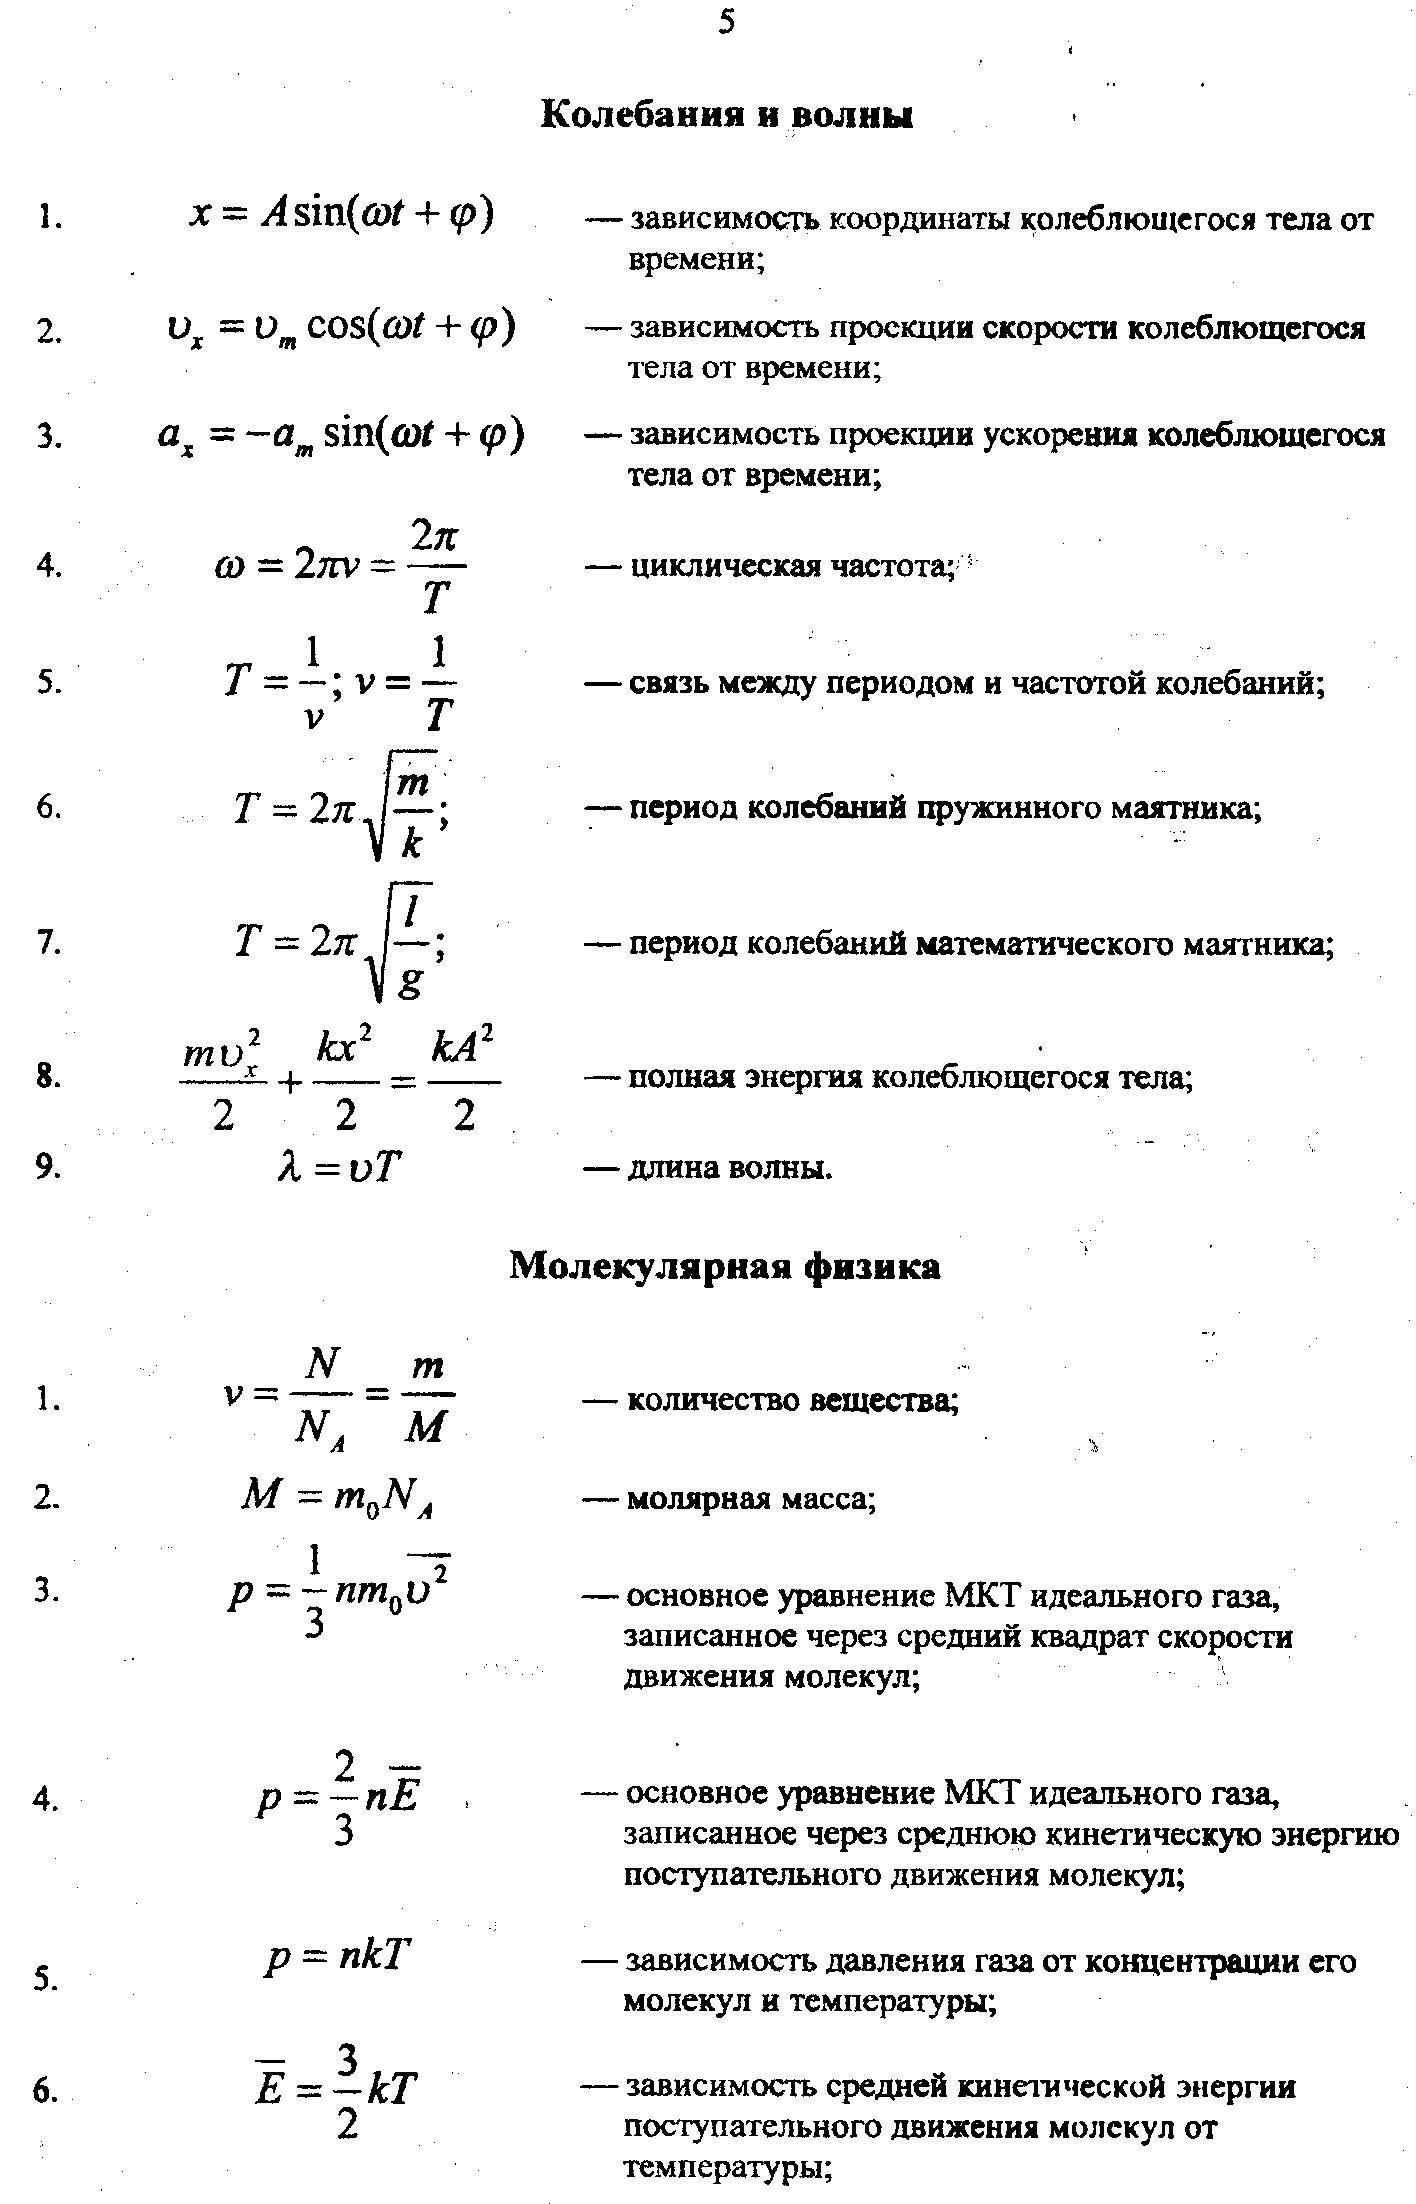 Основные формулы молекулярной физики и термодинамики шпаргалка  основные физические законы и формулы молекулярная физика